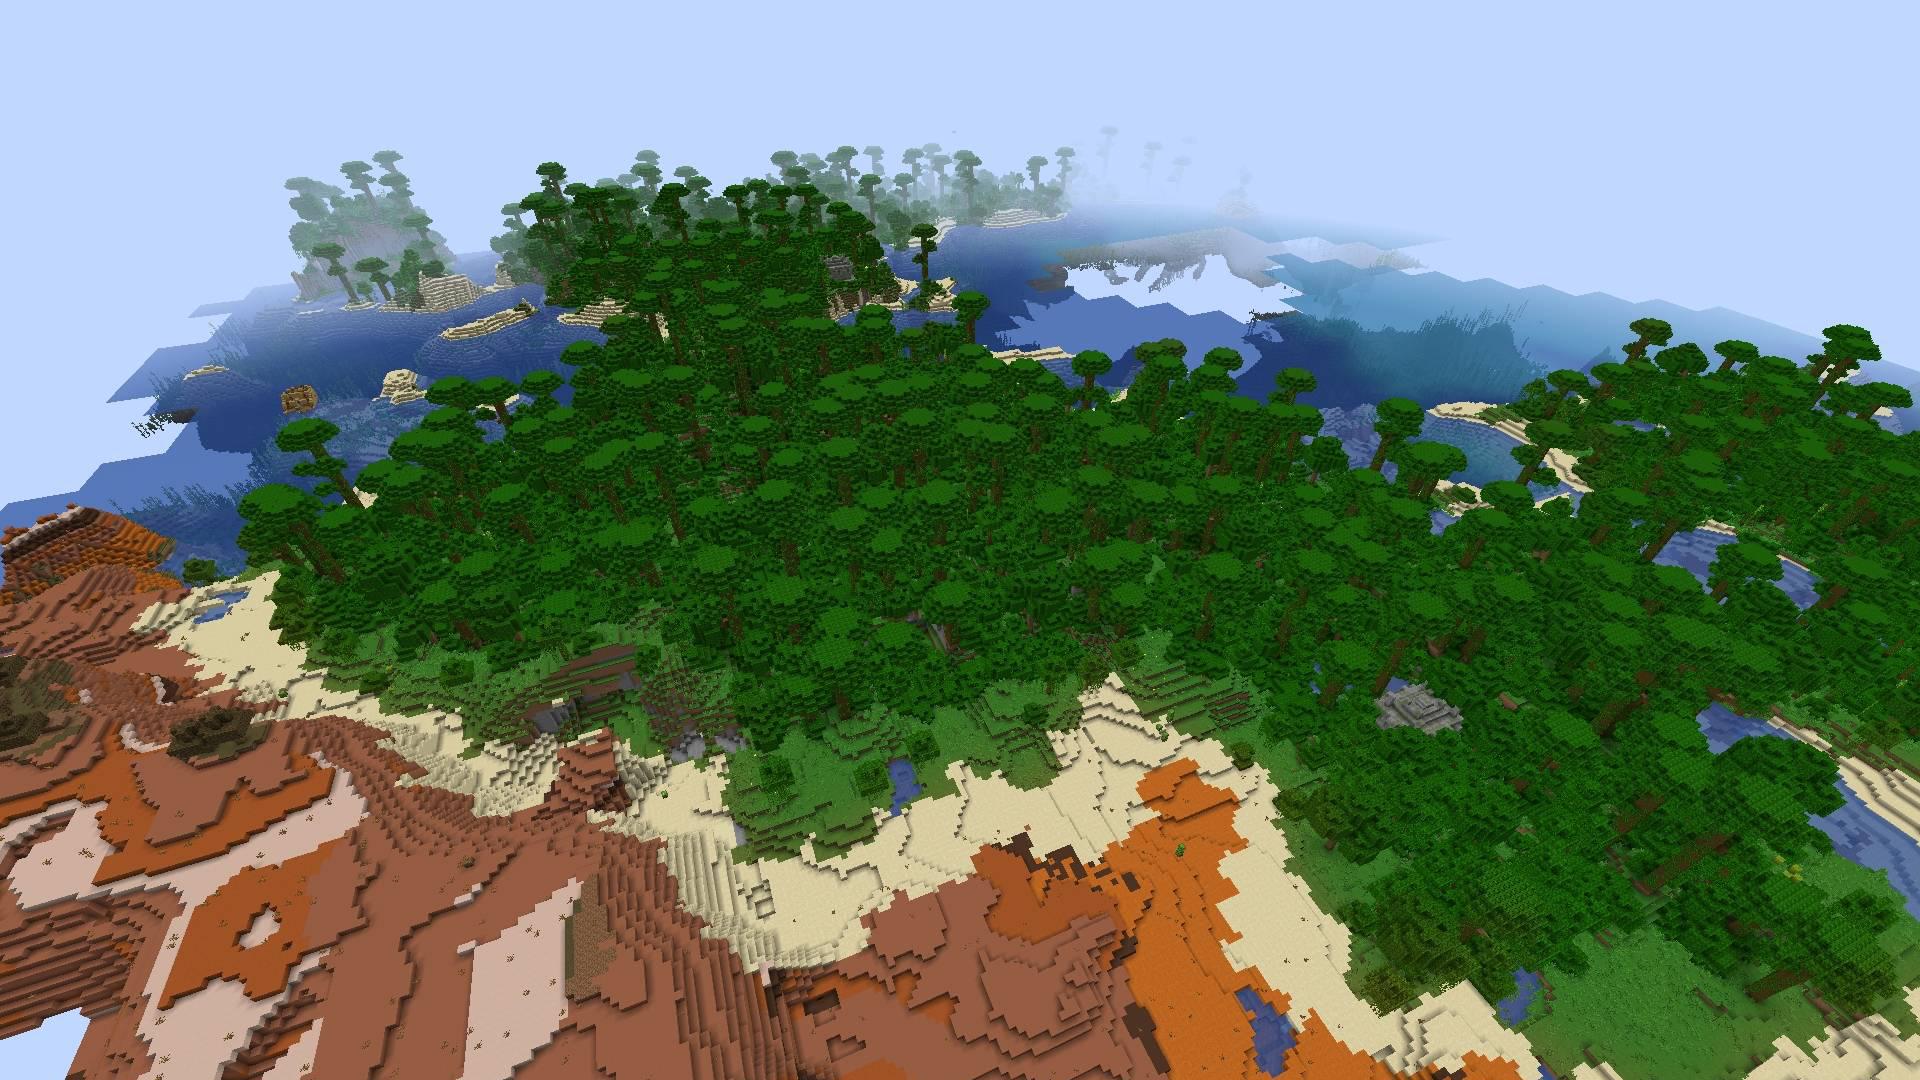 Minecraft seeds 1 14 – the best Minecraft 1 14 seeds we've